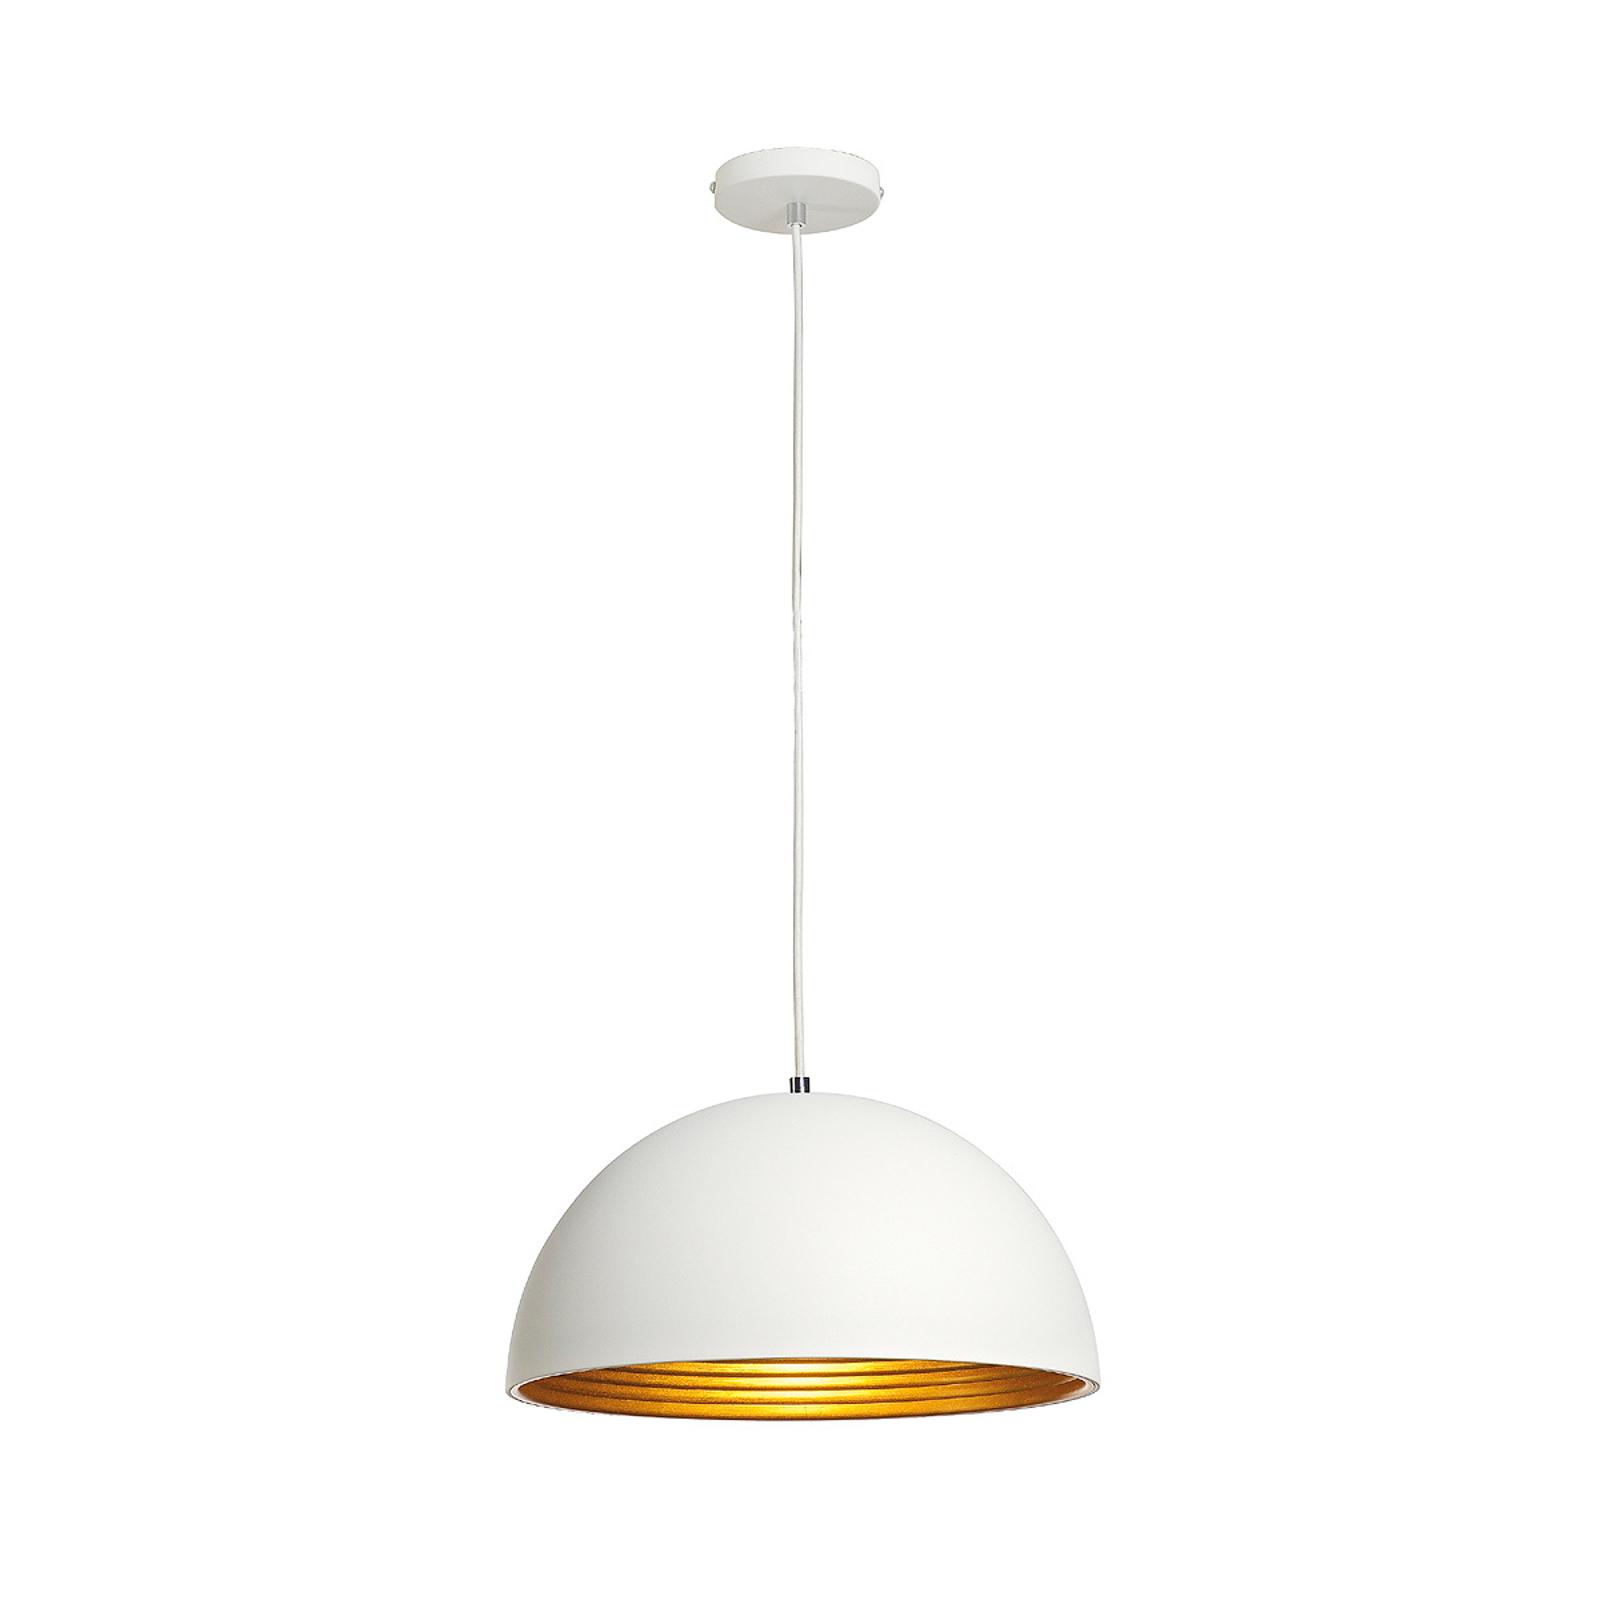 Biało-złota lampa wisząca FORCHINI M, 40 cm